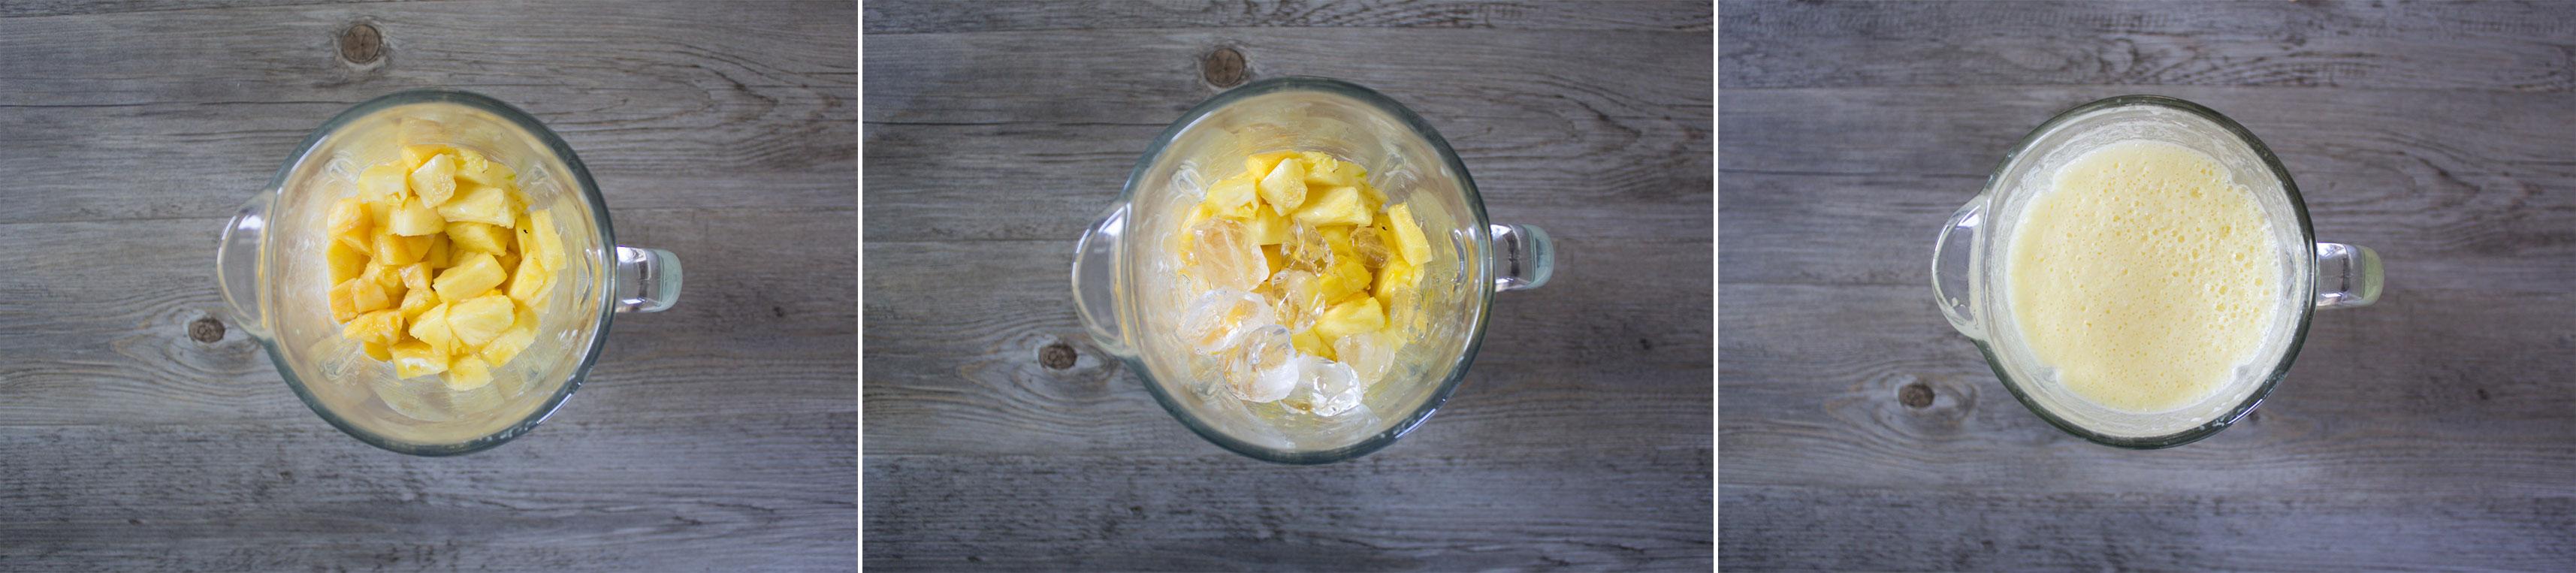 preparazione smoothie di pesche e ananas